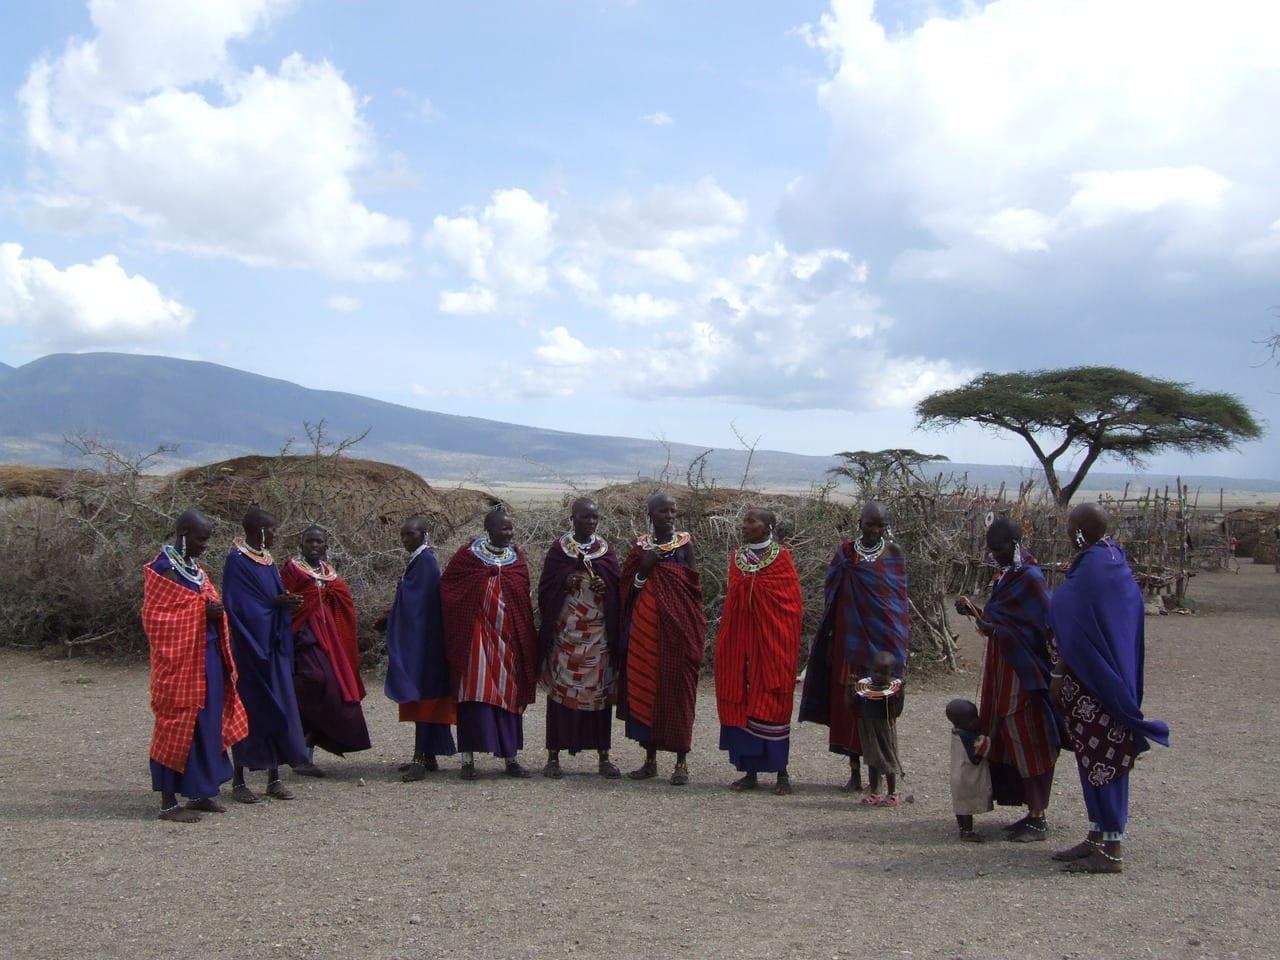 Tanzania Travel Guide 4